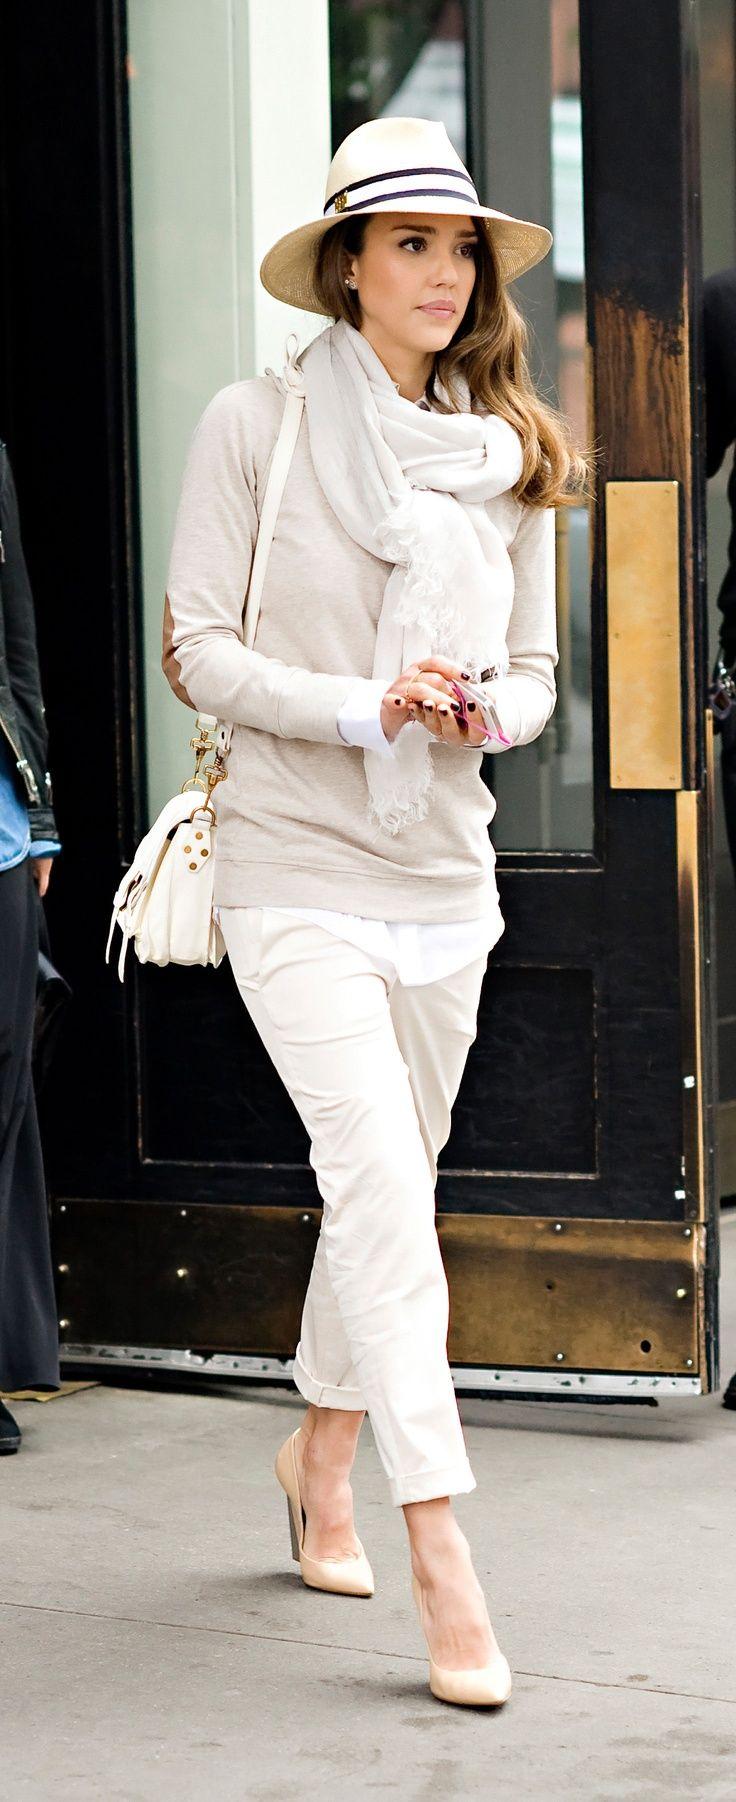 Der Sommer wird weiß, Jessica Alba zeigt uns wie. Lässige 3/4 Hose, Heels, Hemd & Pullover, dicker Schal und classy Hut.